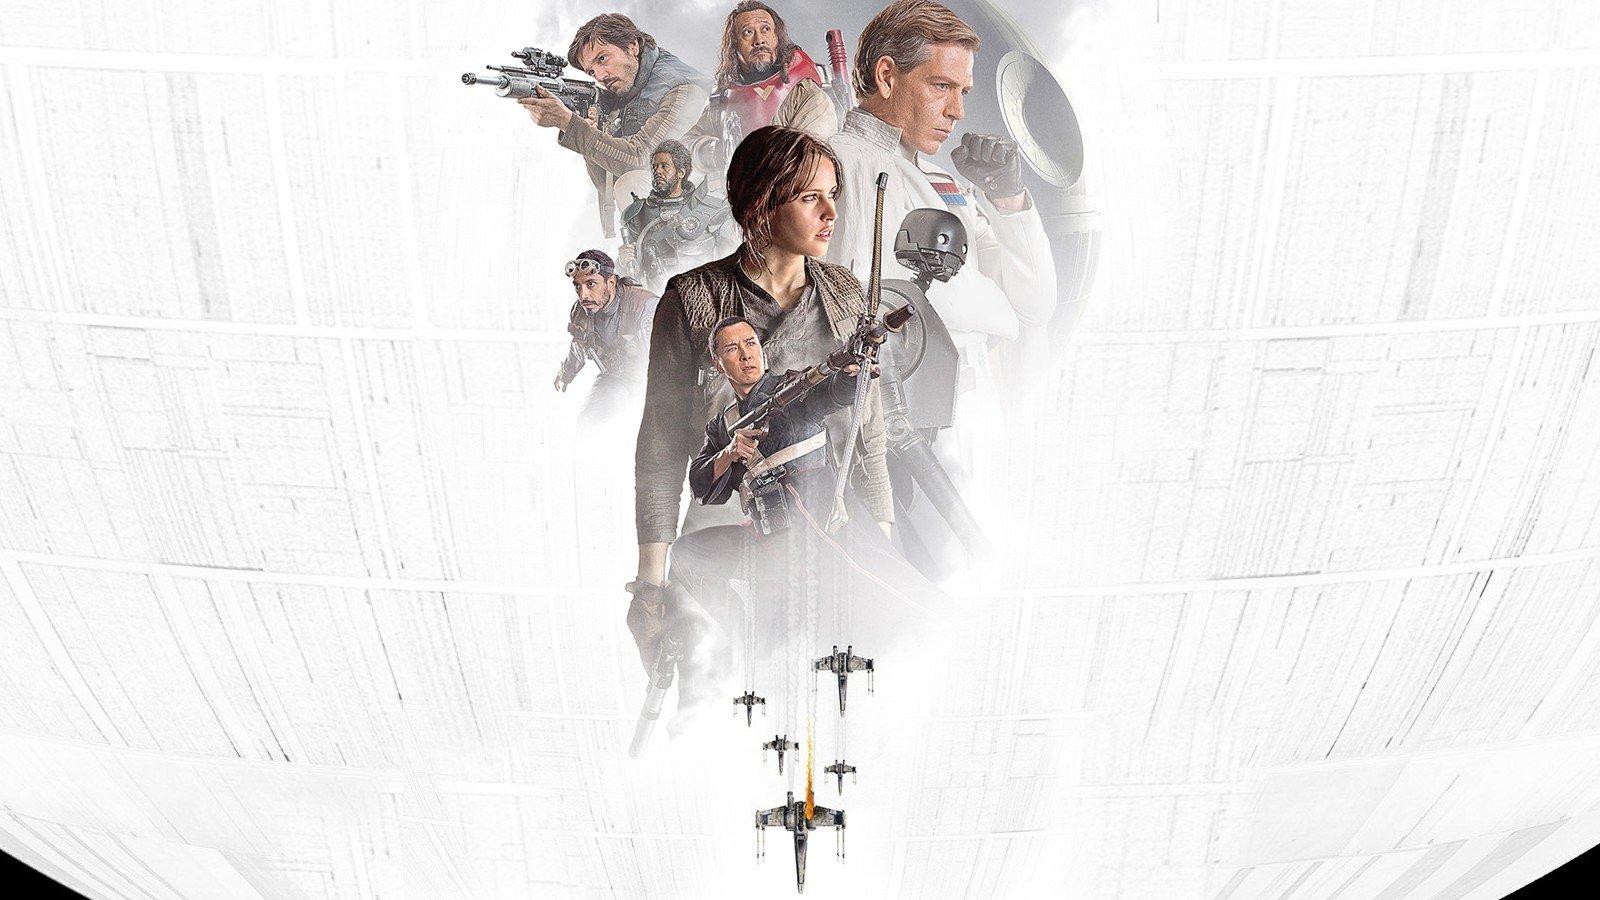 Star Wars Rogue One Wallpaper: Felicity Jones, Star Wars, Rogue One: A Star Wars Story HD